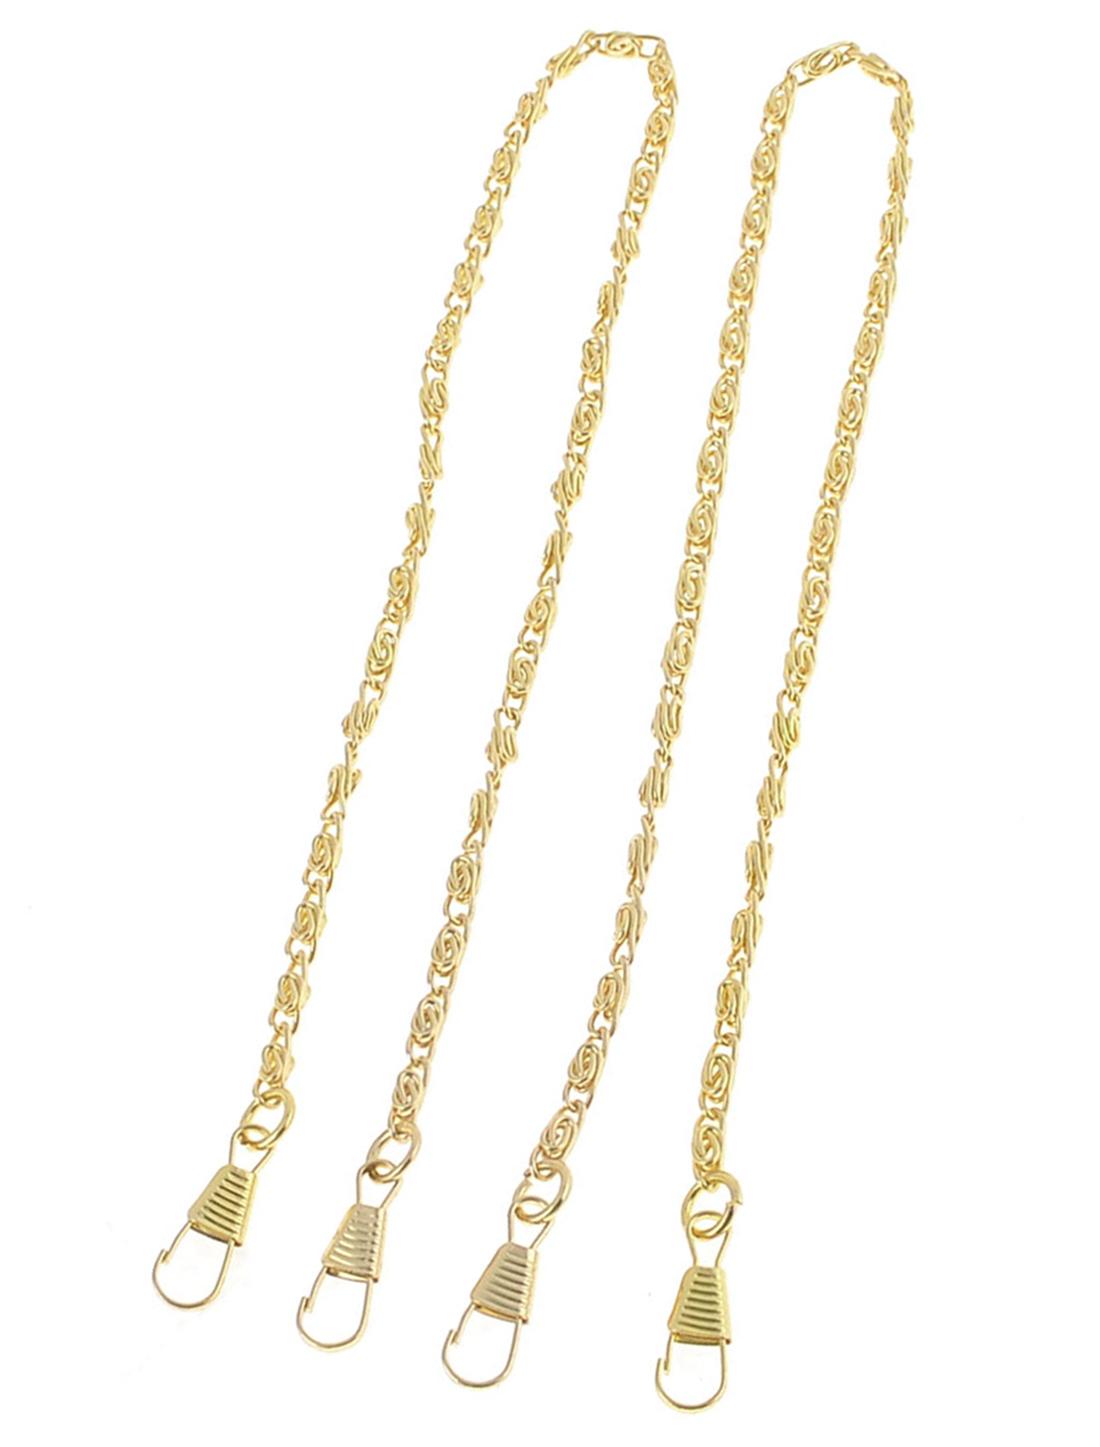 2 Pcs Gold Tone Metallic Detachable Clip Buckle Bag Chain 40cm